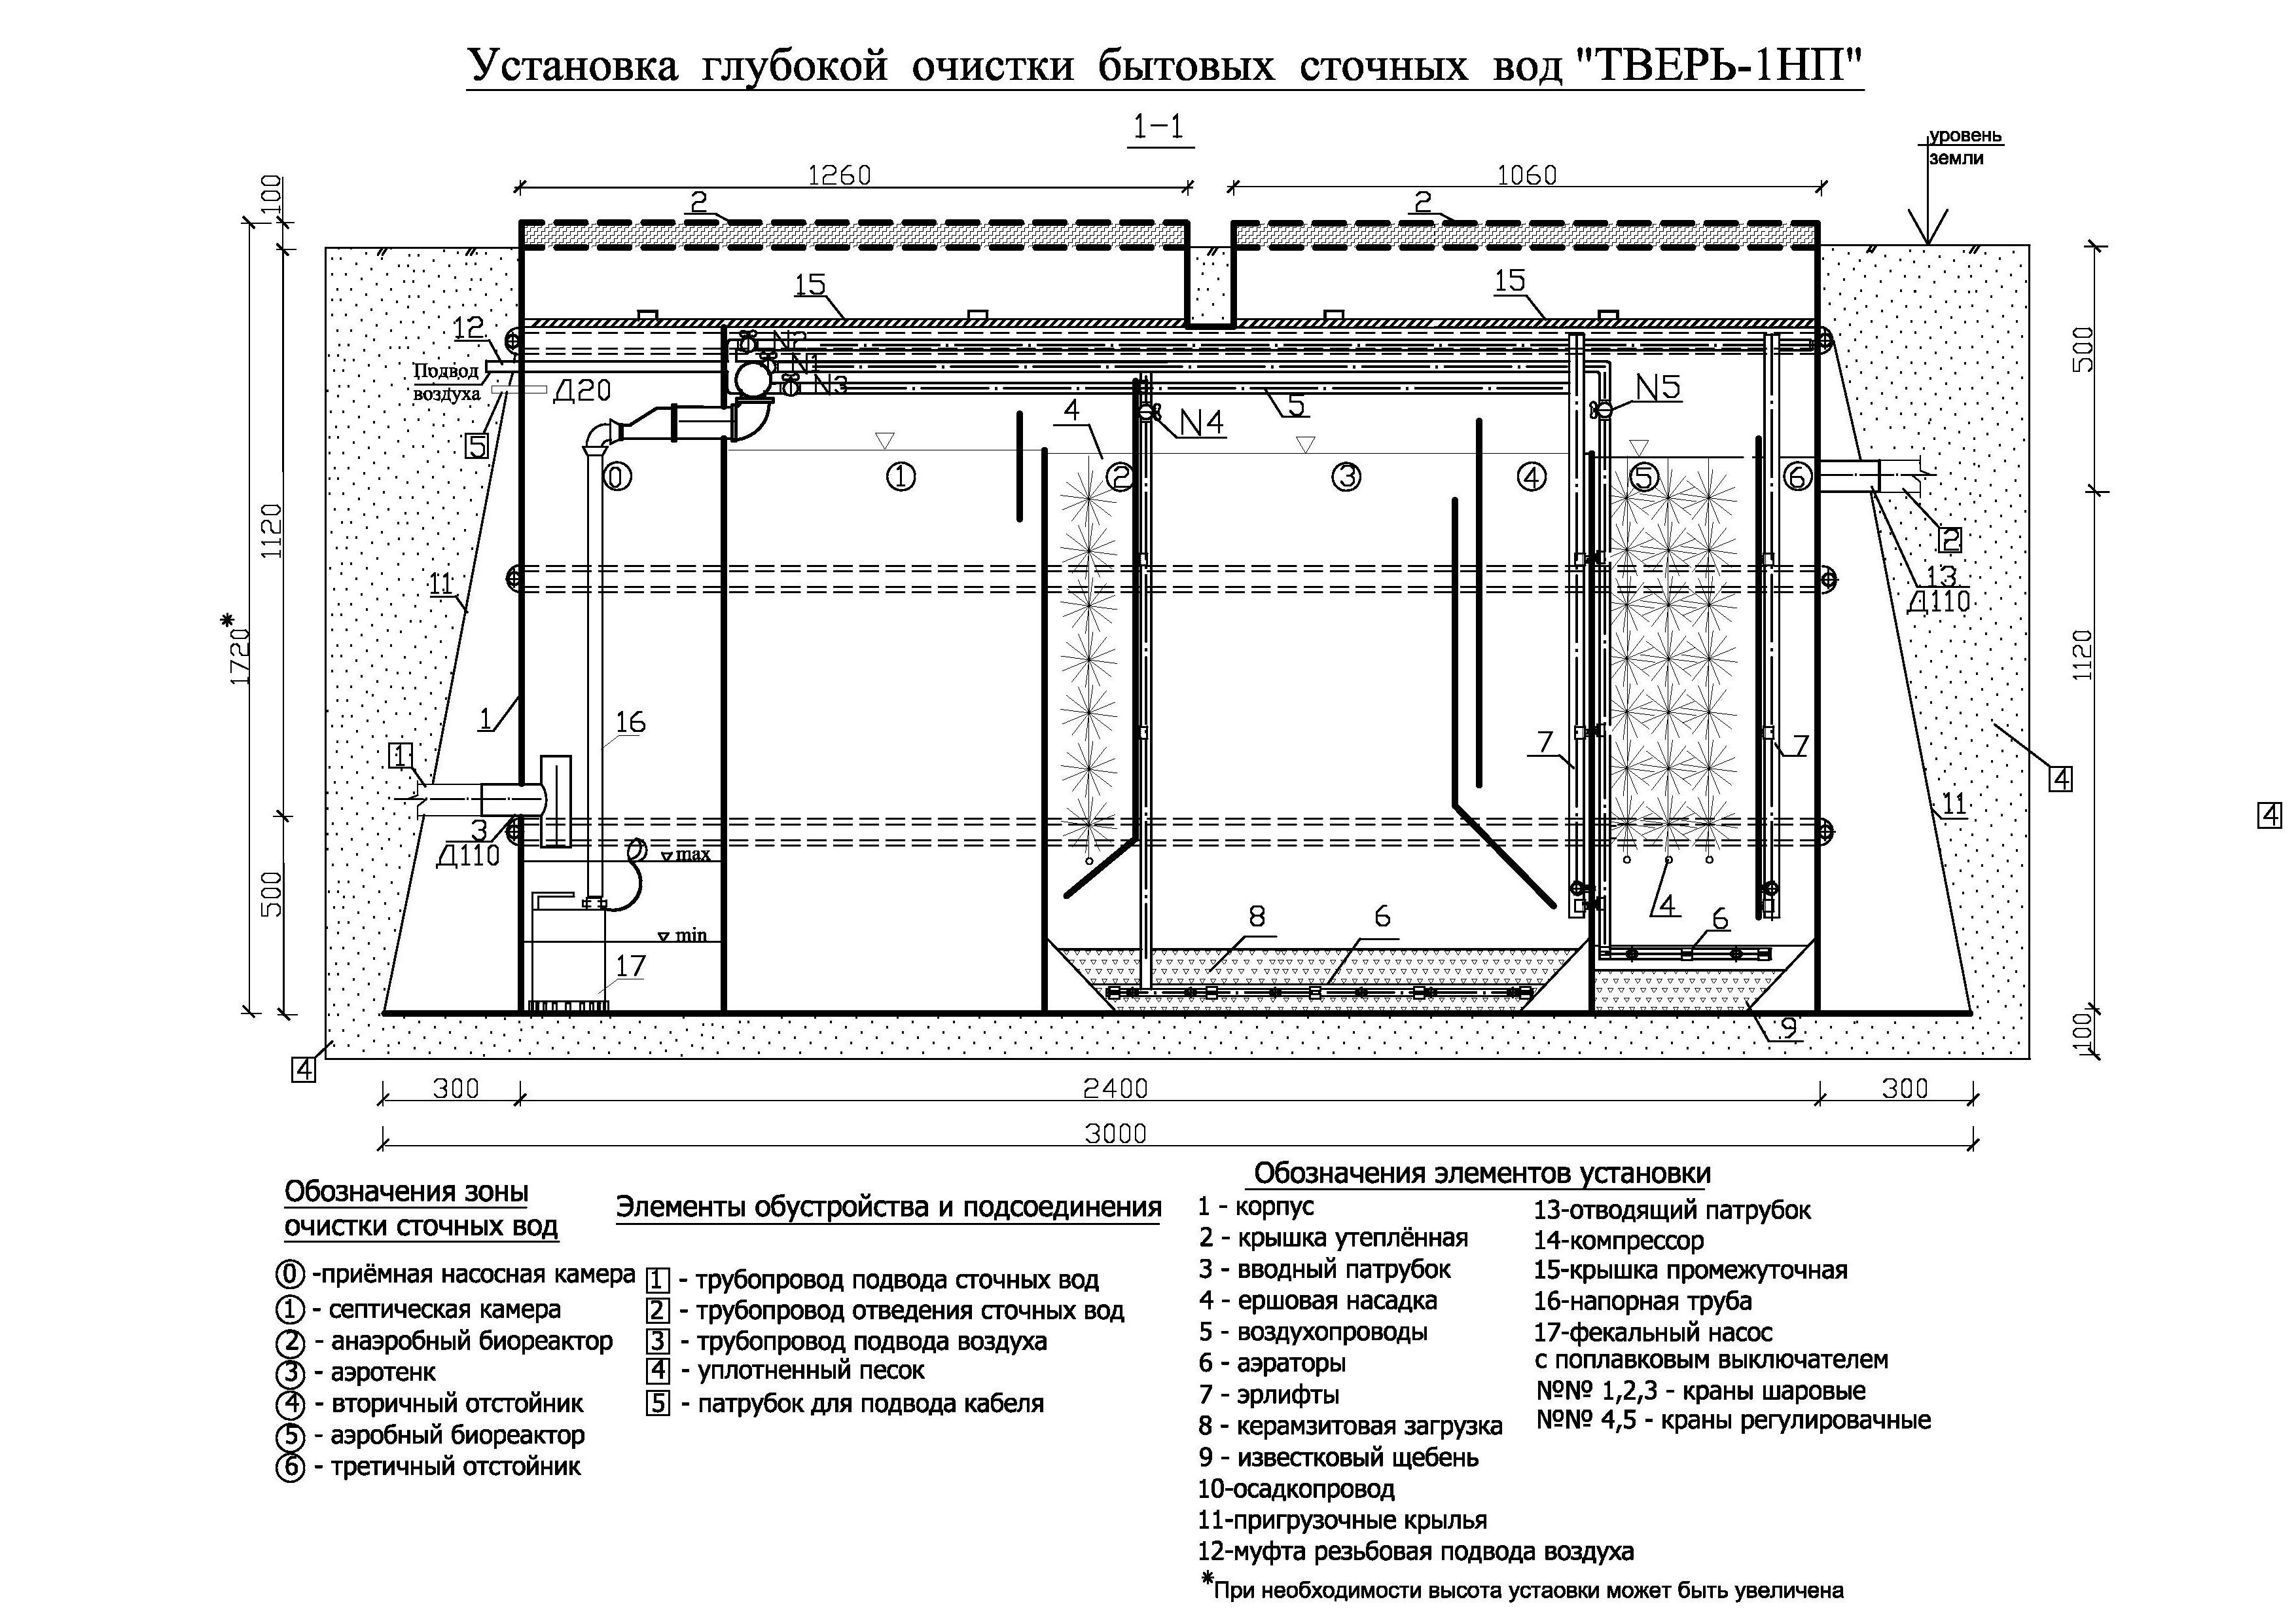 Установка септика тверь: схемы сооружения и варианты монтажа